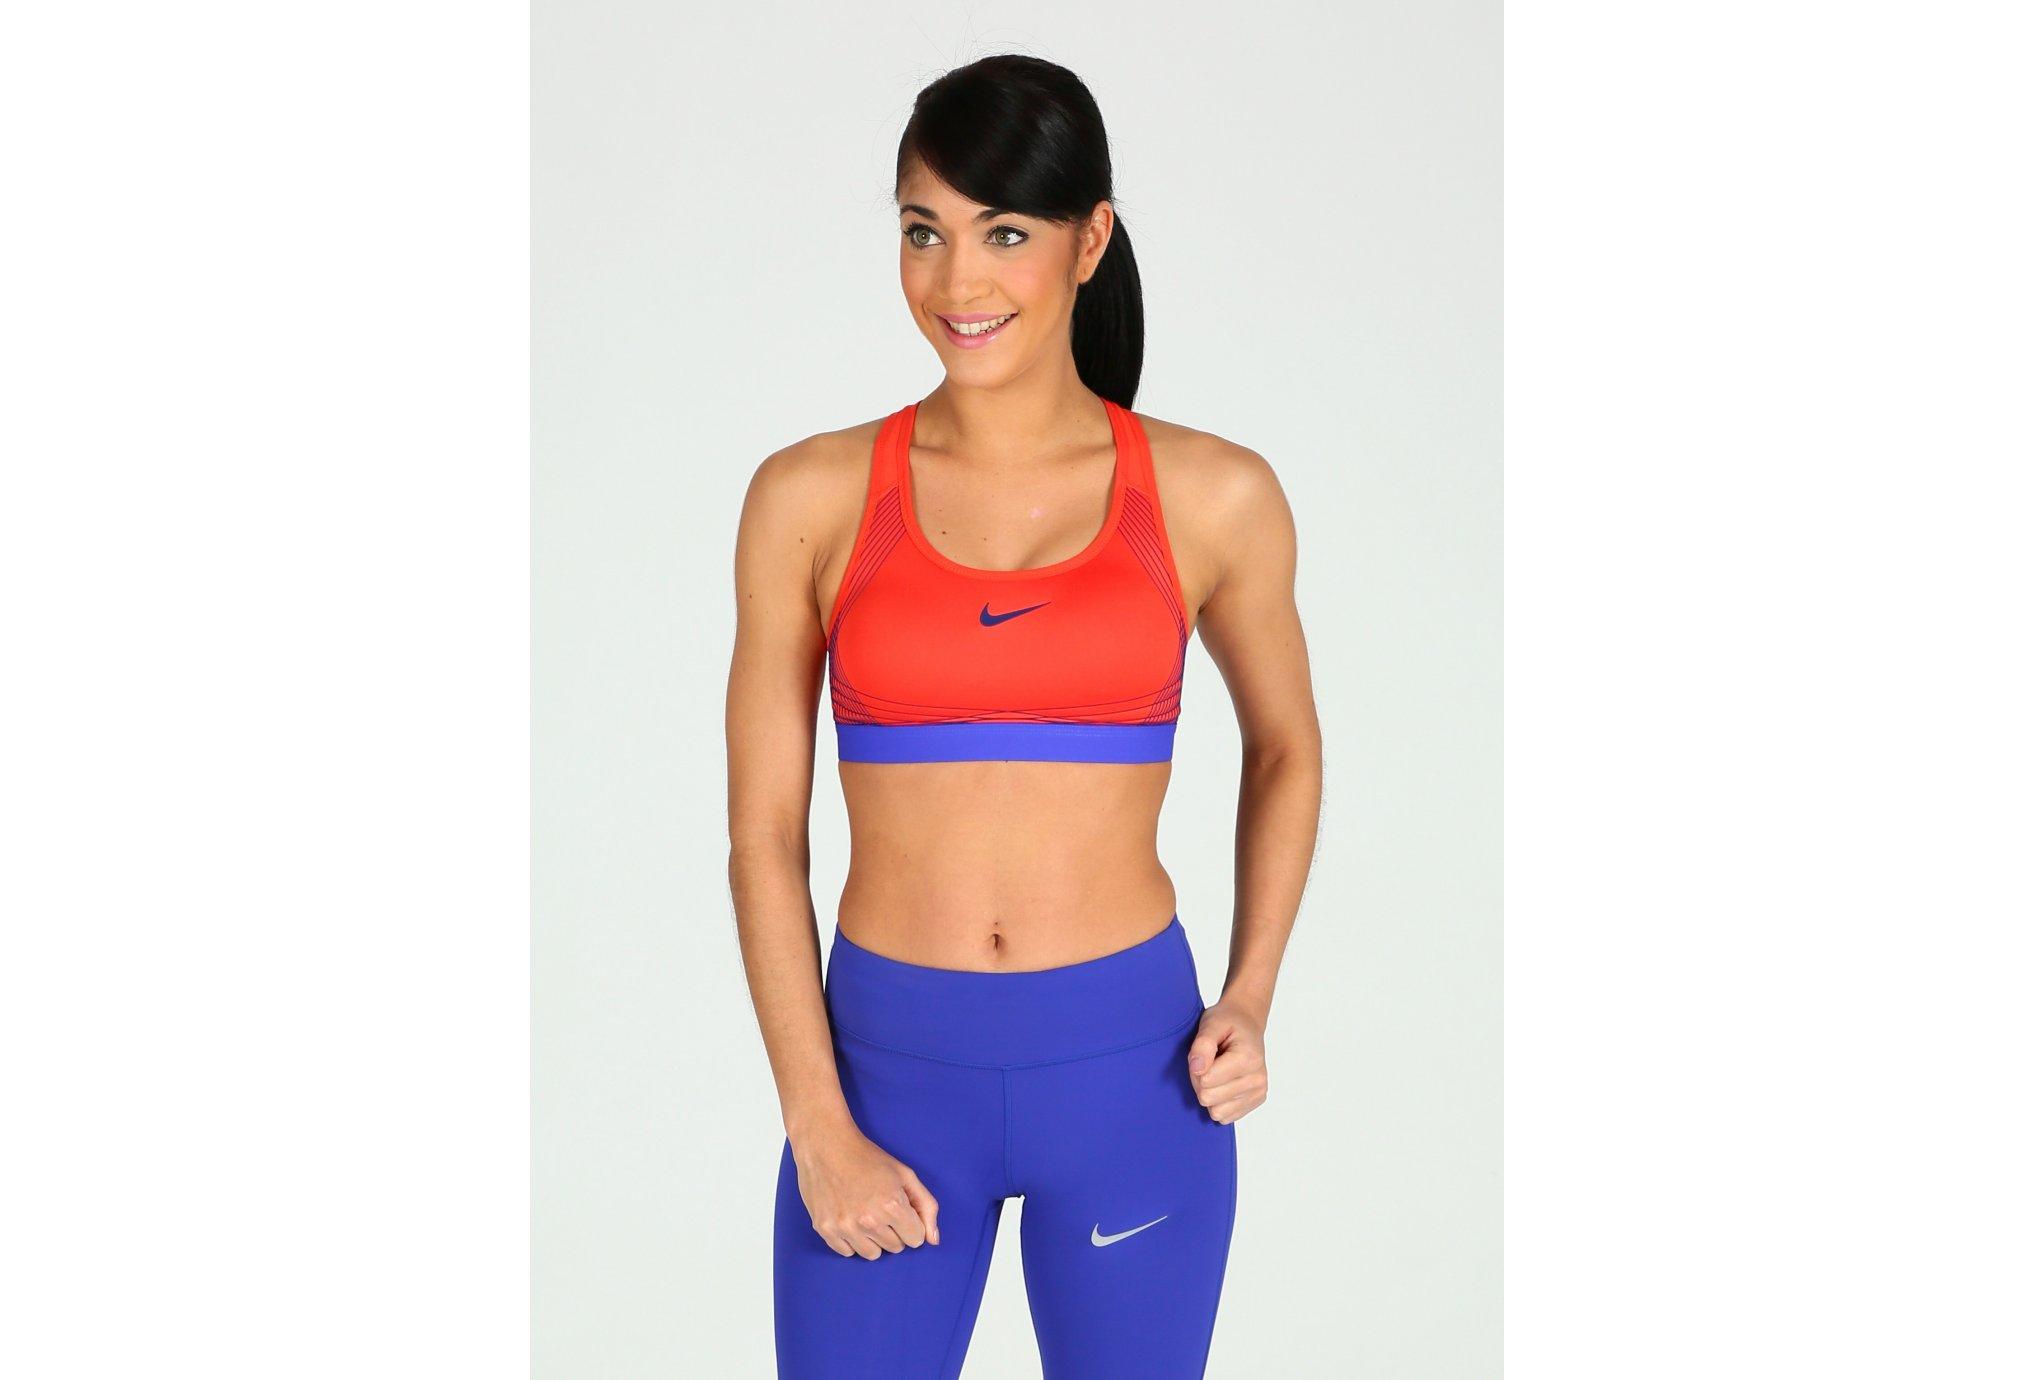 Nike Pro Hyper Classic Padded W Diététique Vêtements femme